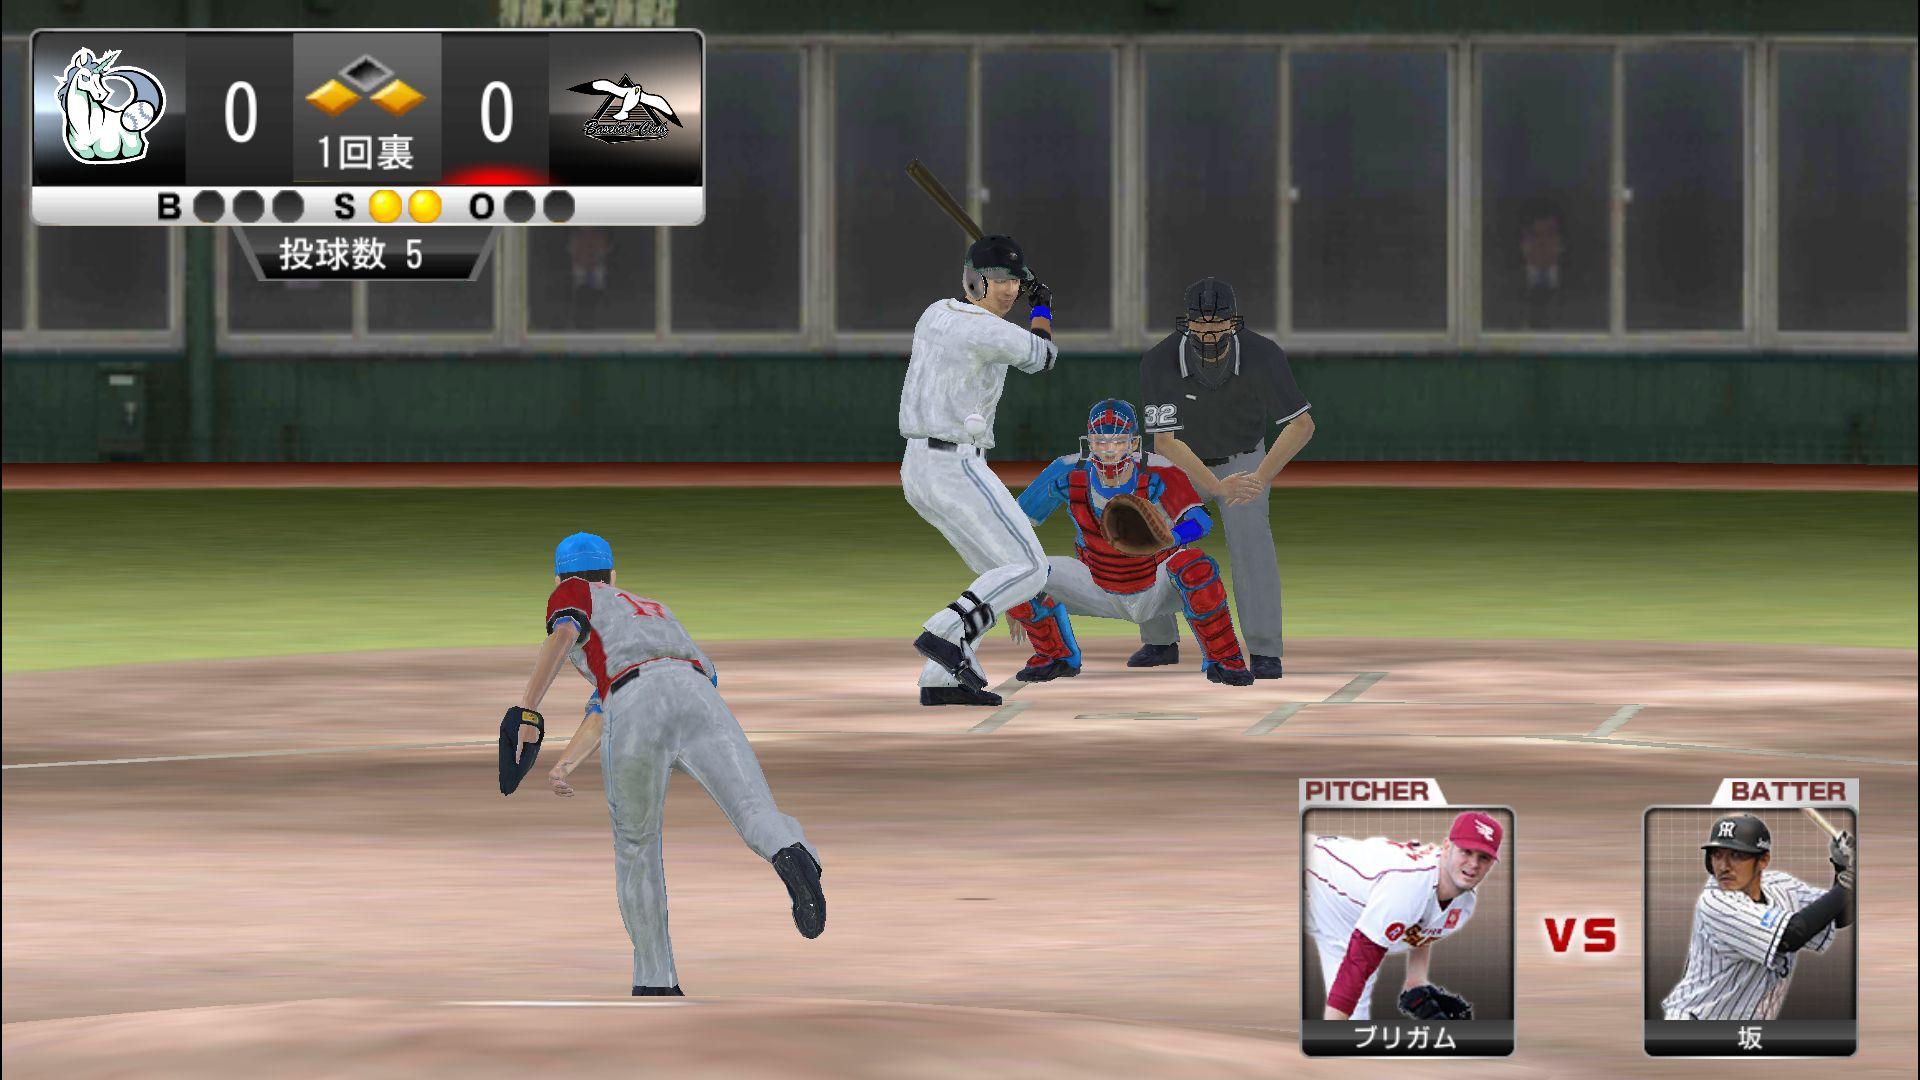 野球つく!! androidアプリスクリーンショット1